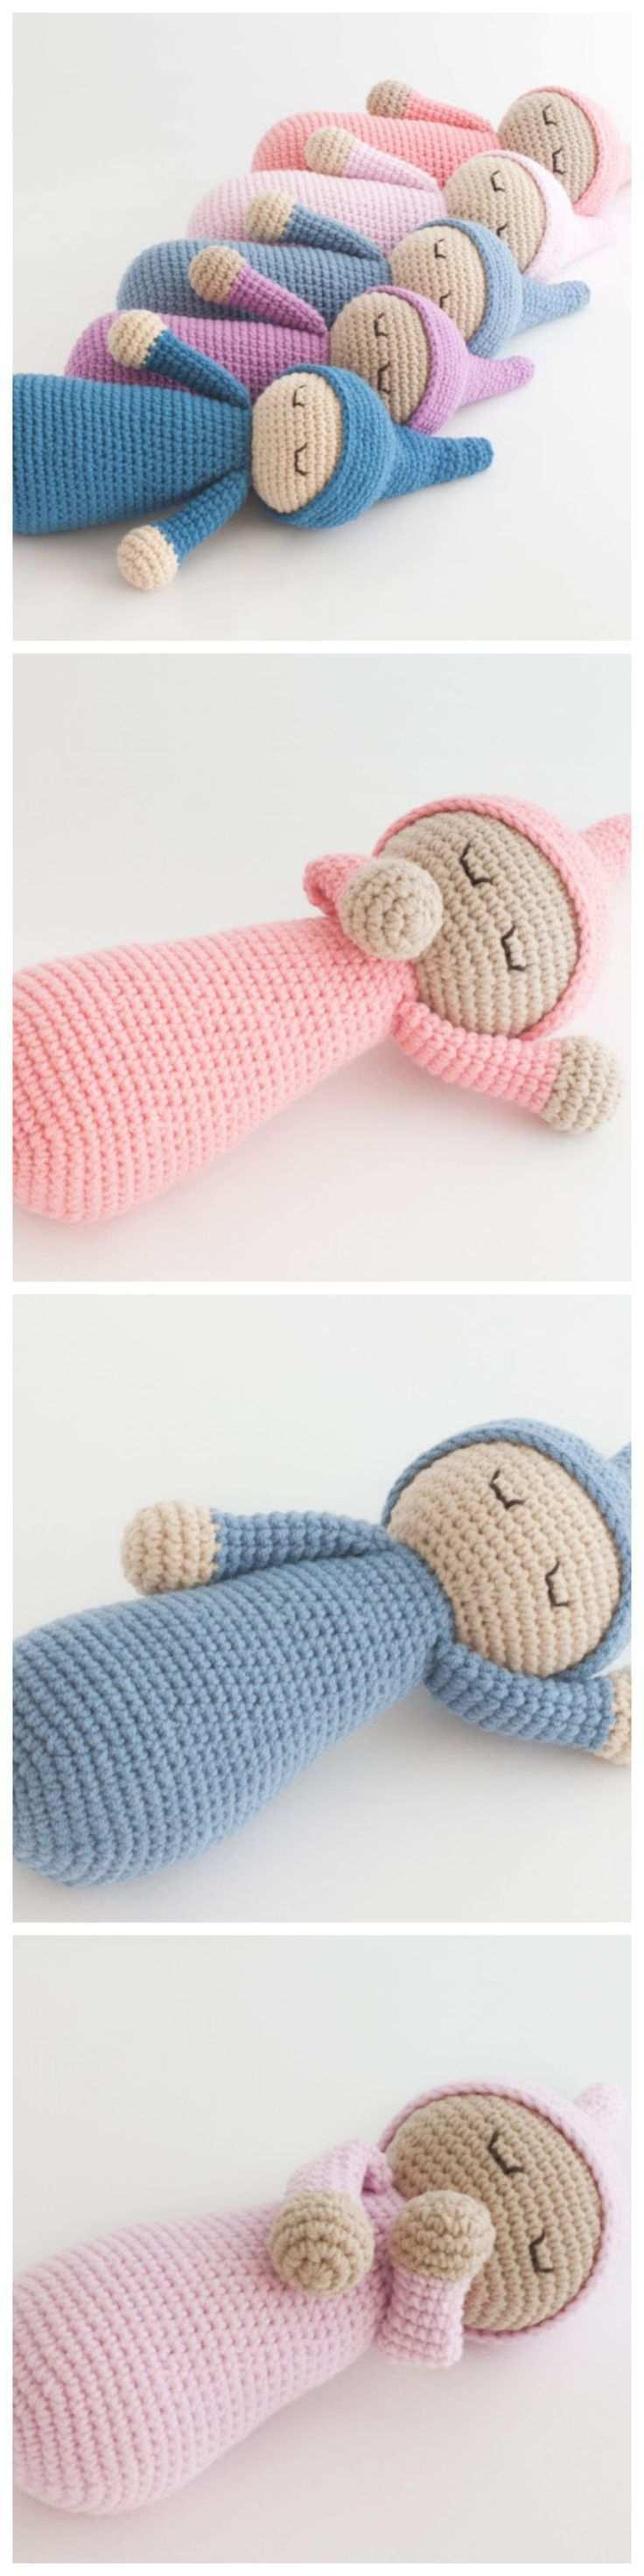 Hakeln Sie Sleepyhead Puppe Kostenlose Muster Hakelspielzeug Kostenlose Muster Hakeln Baby